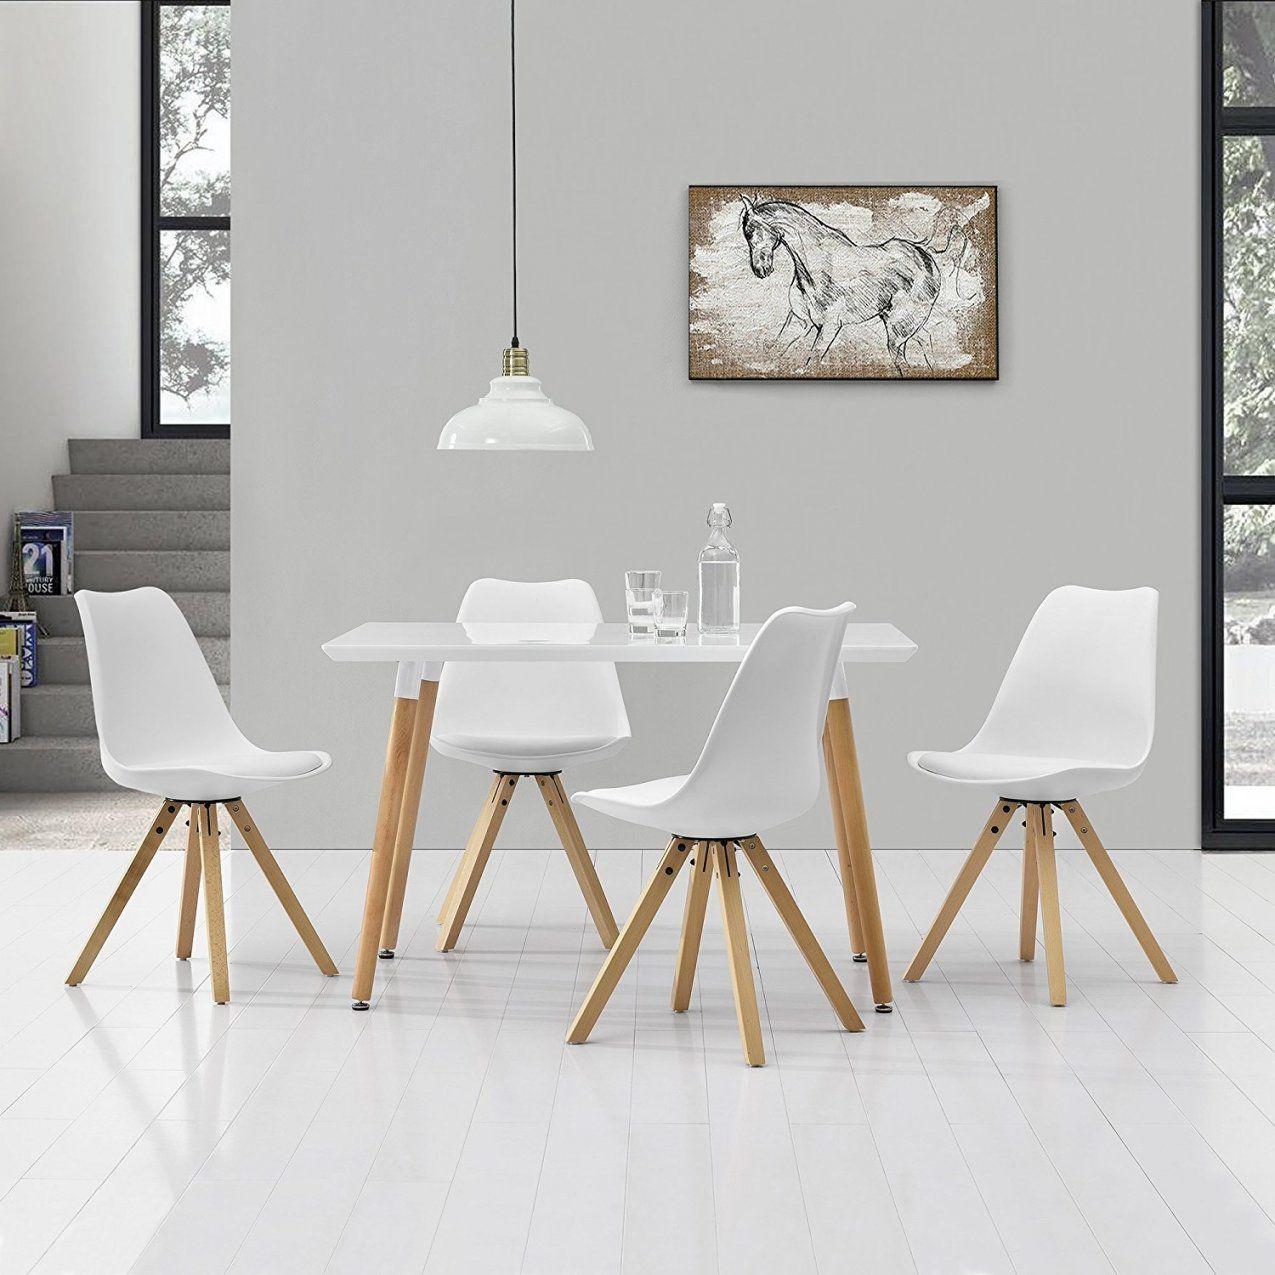 Dp Esstisch Mit Stühlen Gebraucht Groß Esstisch Ausziehbar Möbel Von